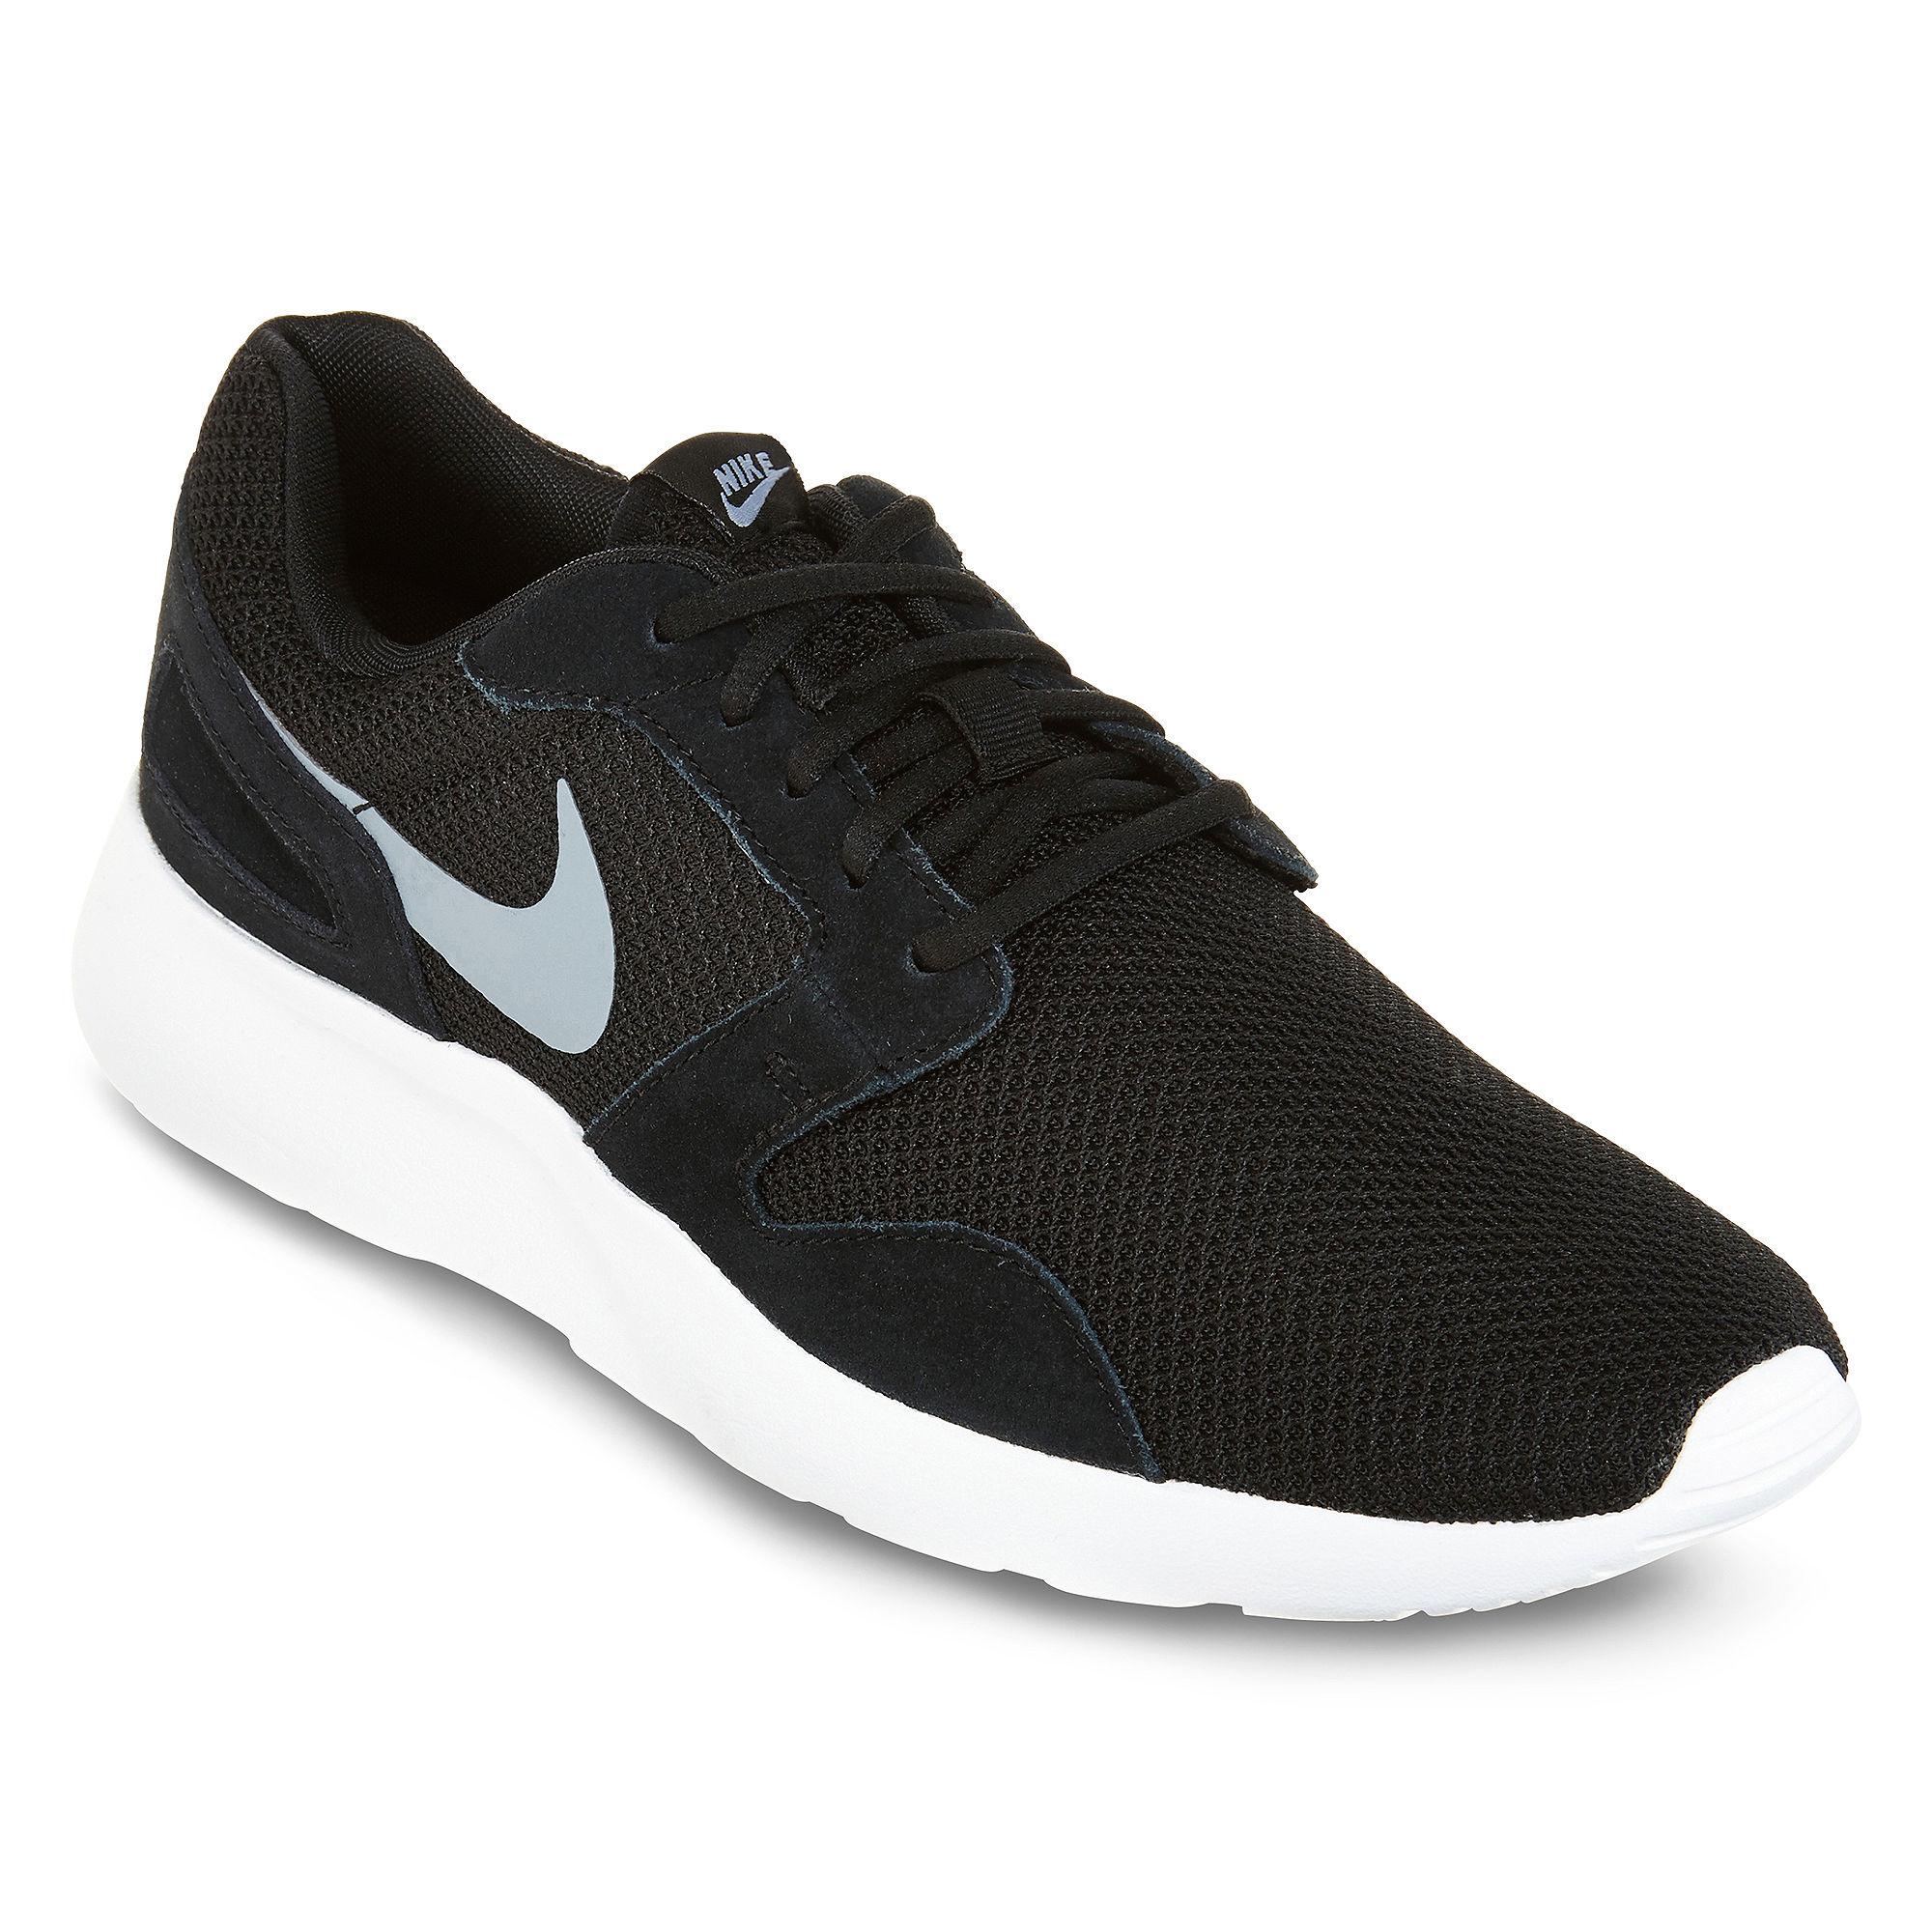 UPC 091204023438 product image for Nike Kaishi (9 D(M) US, Black